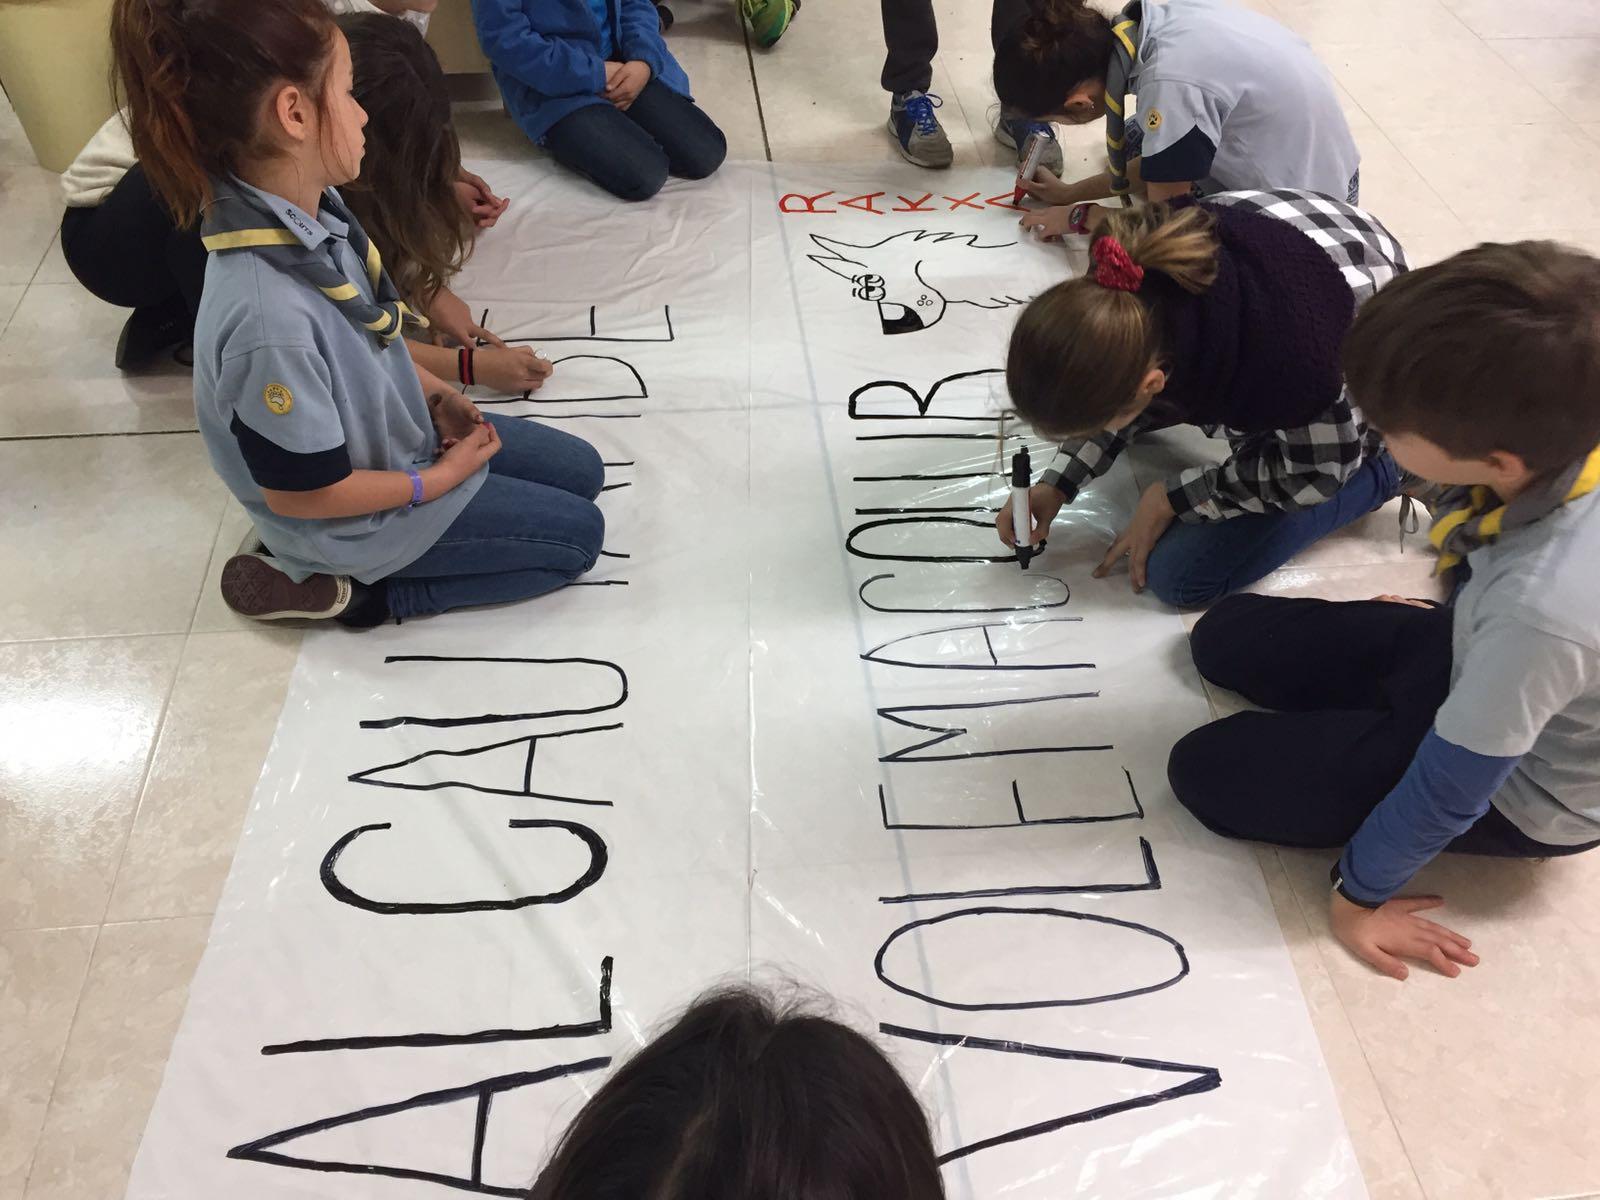 Llops i Castors han preparat pancartes i cartells per a la manifestació! A les 16h a Urquinaona. #volemacollir #somdecau https://t.co/gsV0SeA71D